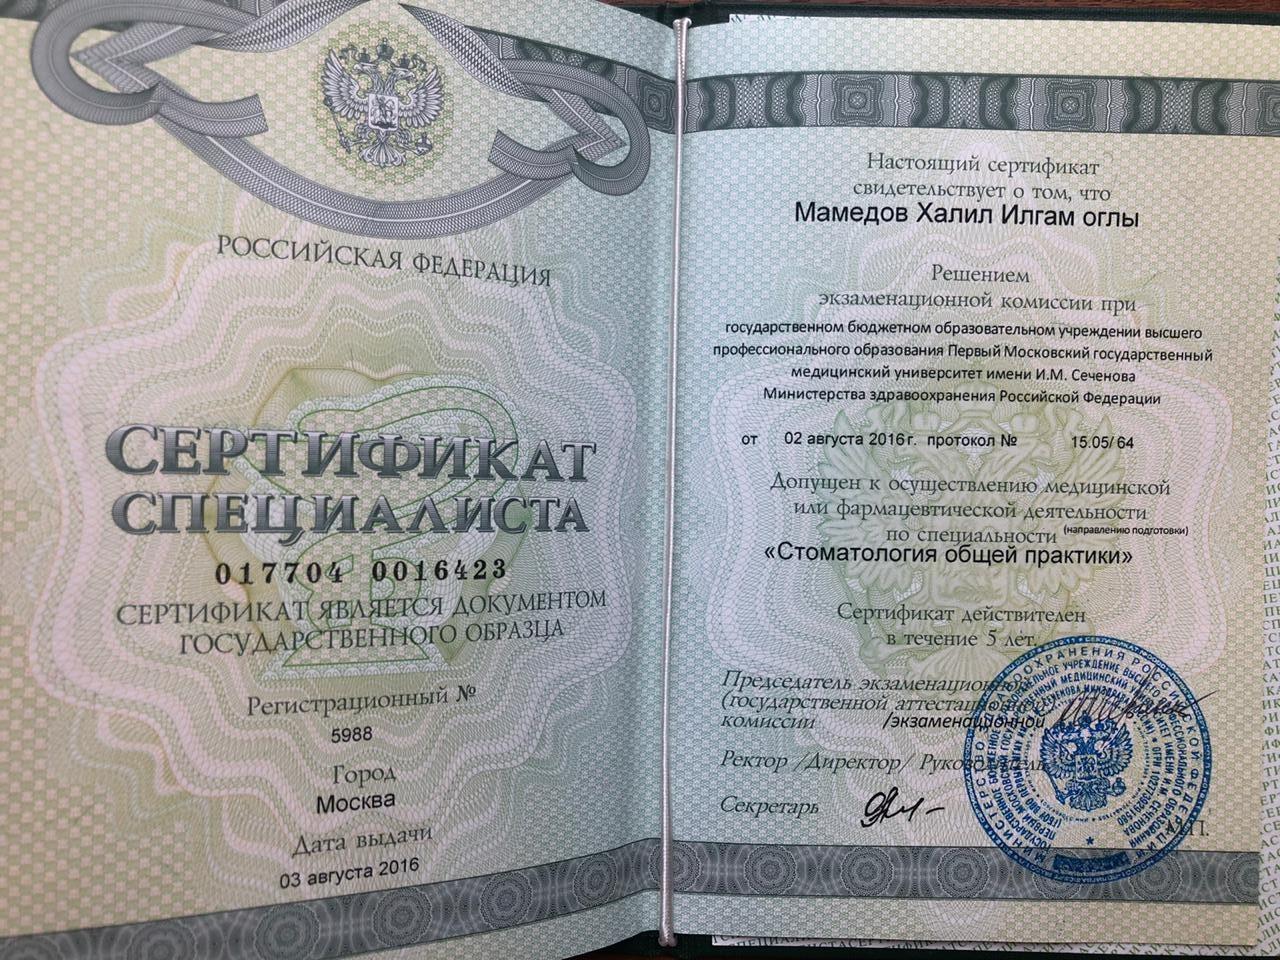 2016г. Сертификат